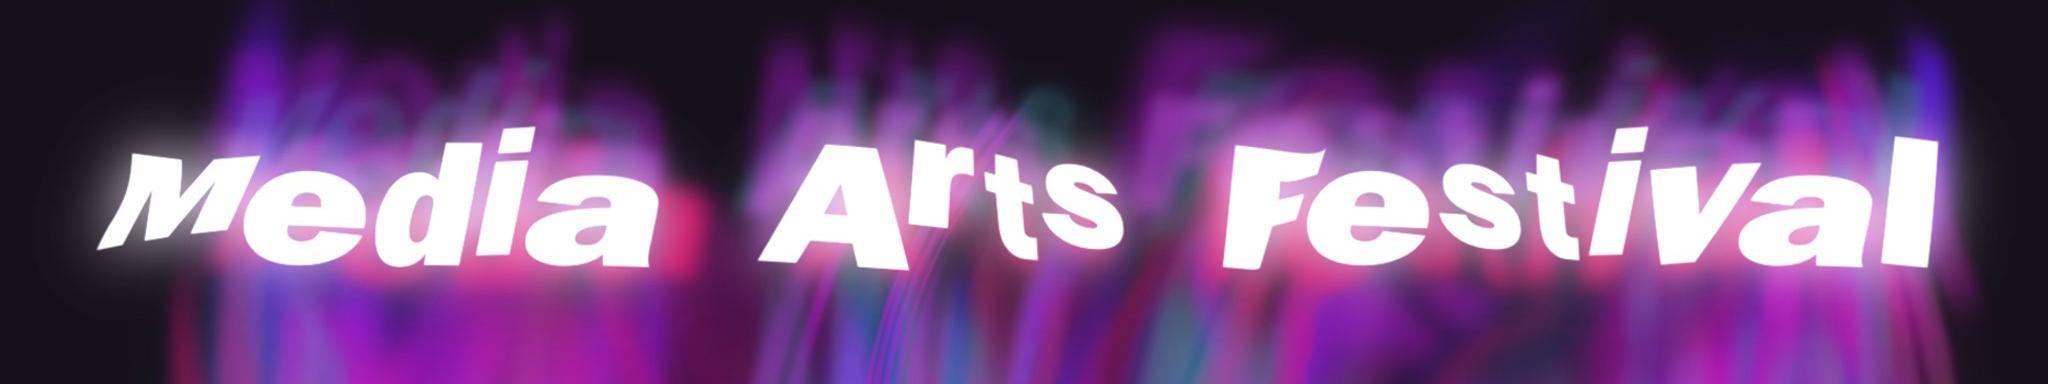 Media Arts Festival Narrow Banner